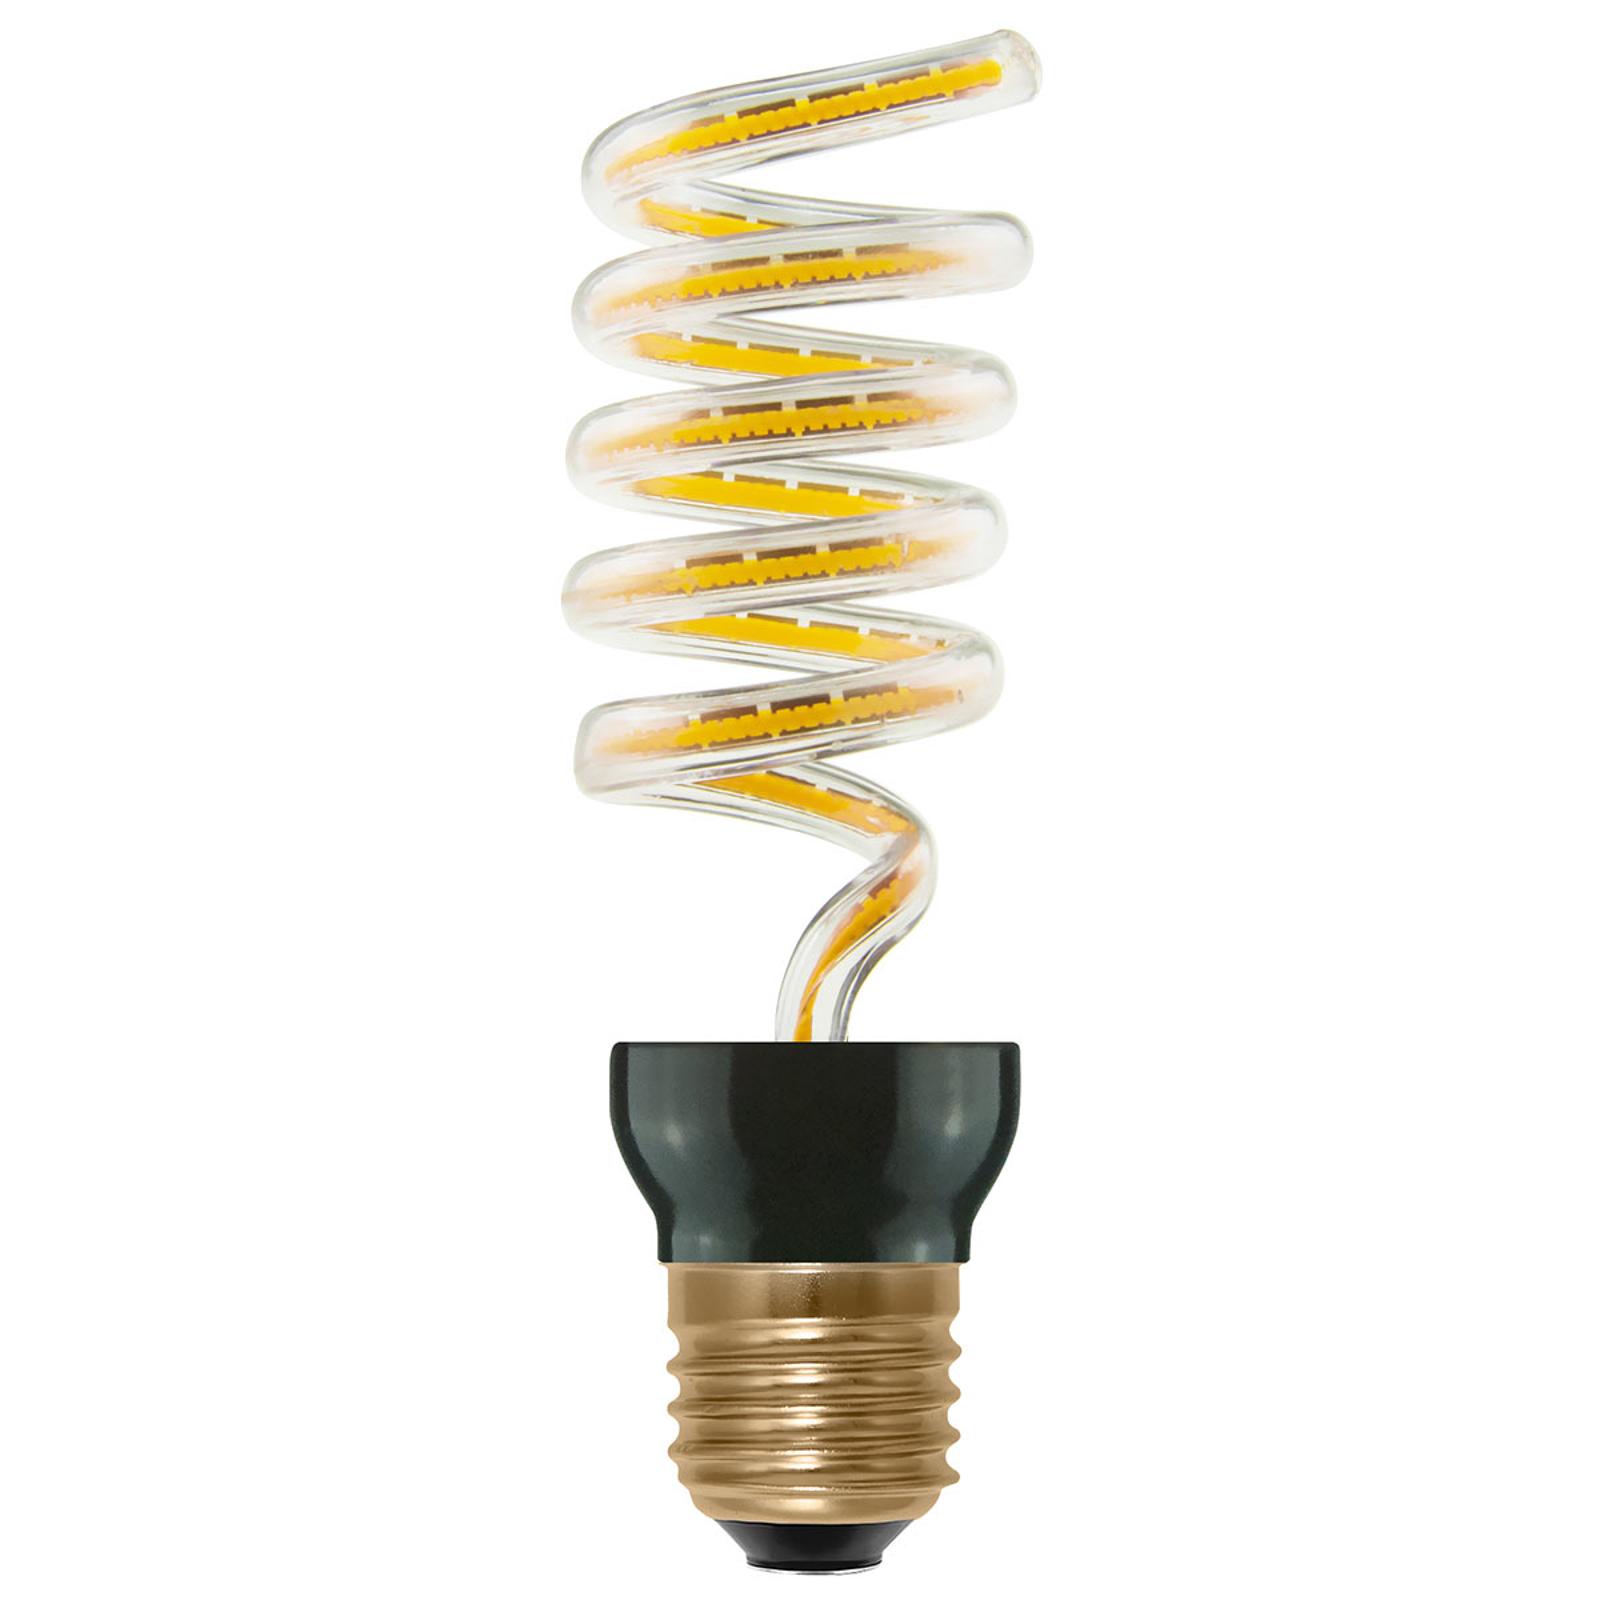 Żarówka LED Art Line Loop up E27 12W ciepła biel